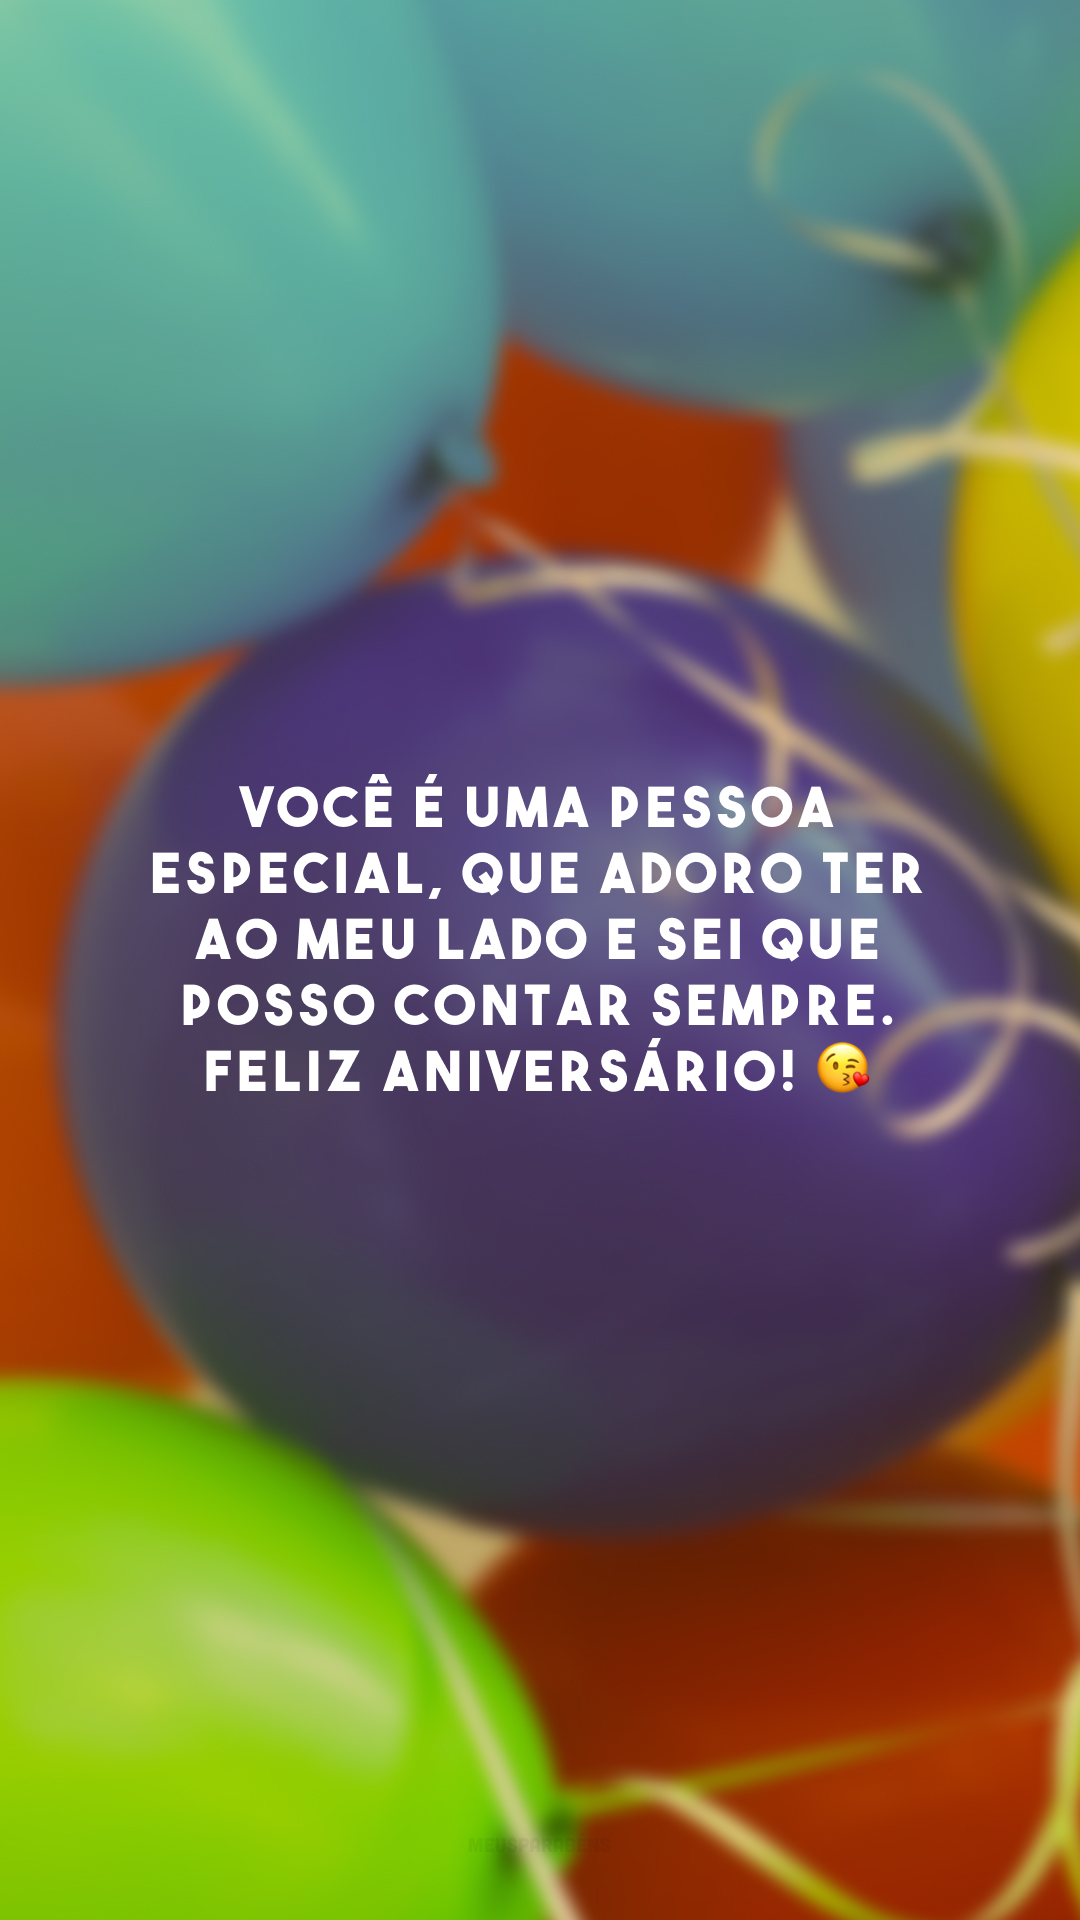 Você é uma pessoa especial, que adoro ter ao meu lado e sei que posso contar sempre. Feliz aniversário! 😘